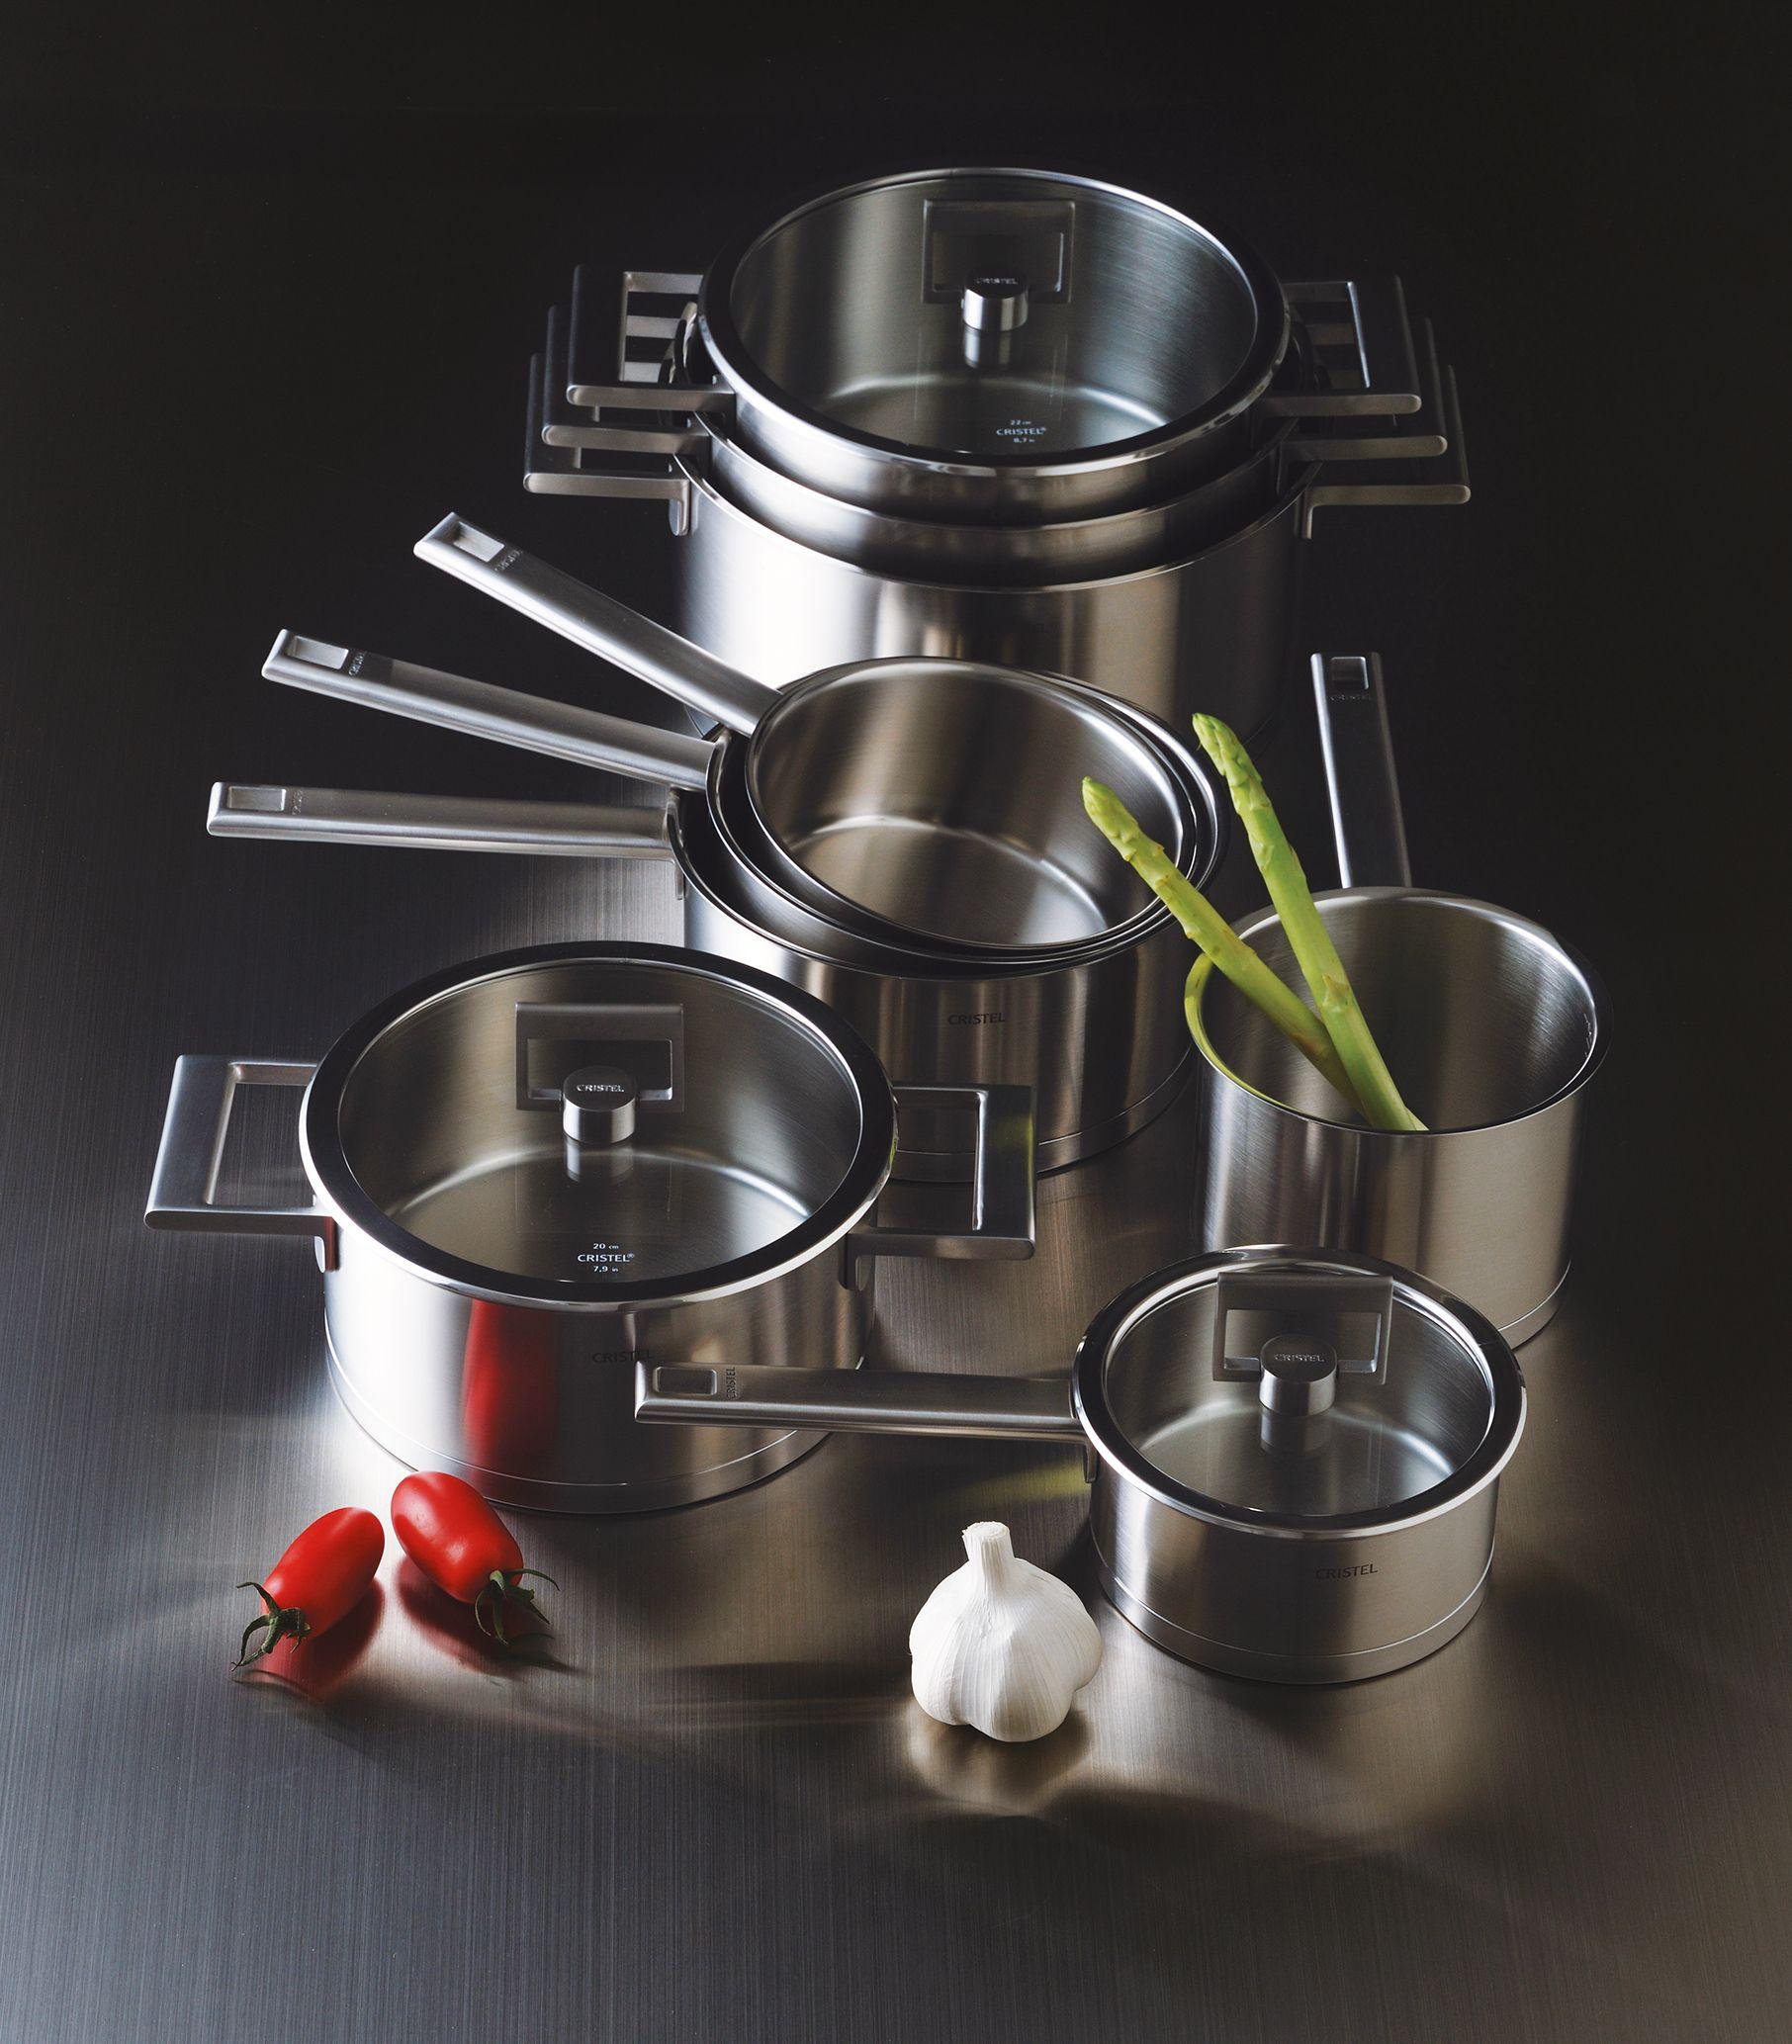 Kitchen Accessories In Lebanon: Kitchen Design & Supplies